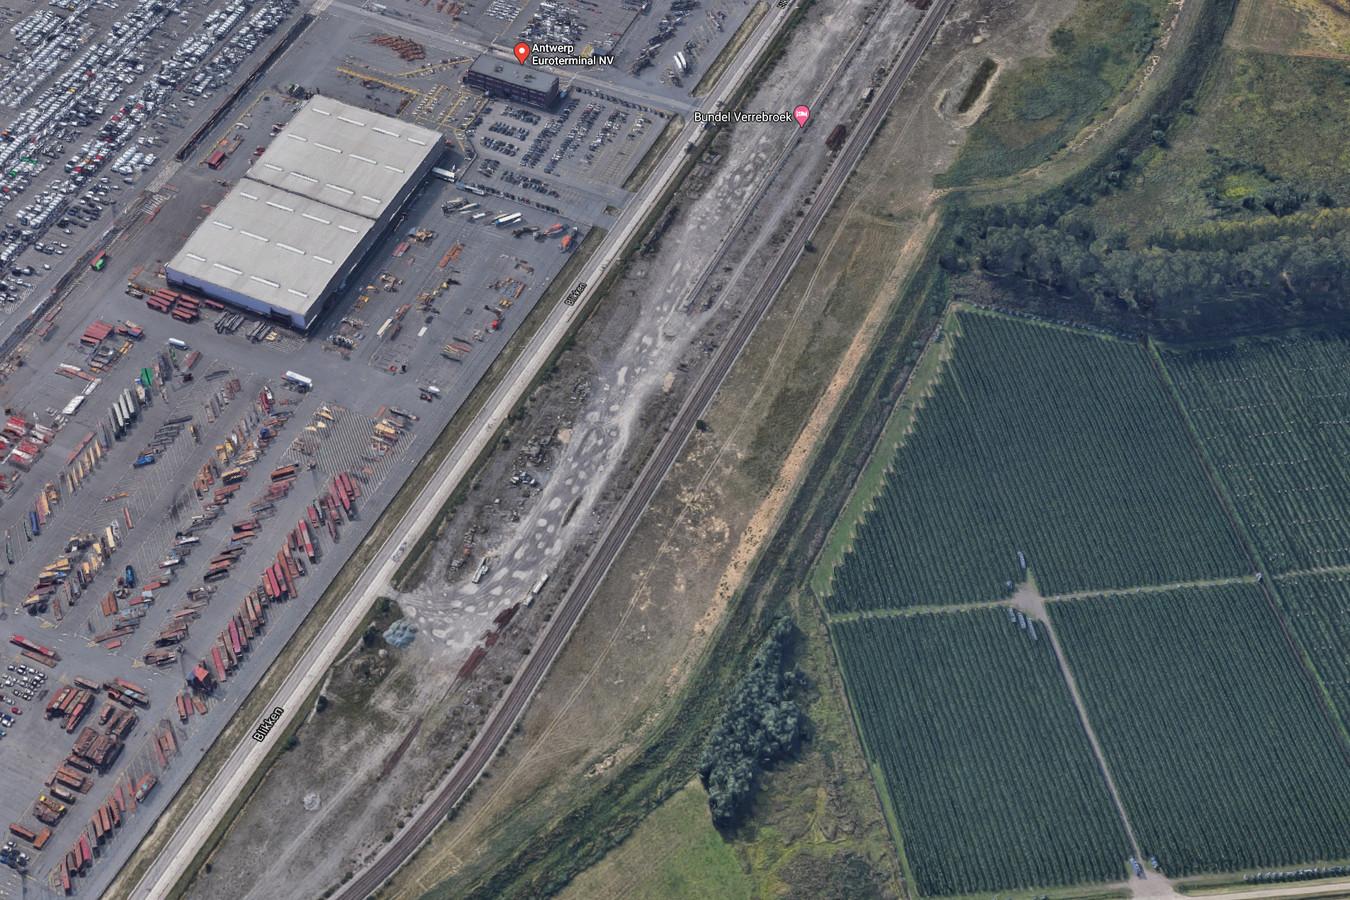 Het Vlaams gewest is akkoord om een alternatieve locatie te zoeken voor het geplande rangeerstation voor goederentreinen aan de Blikken in Verrebroek.